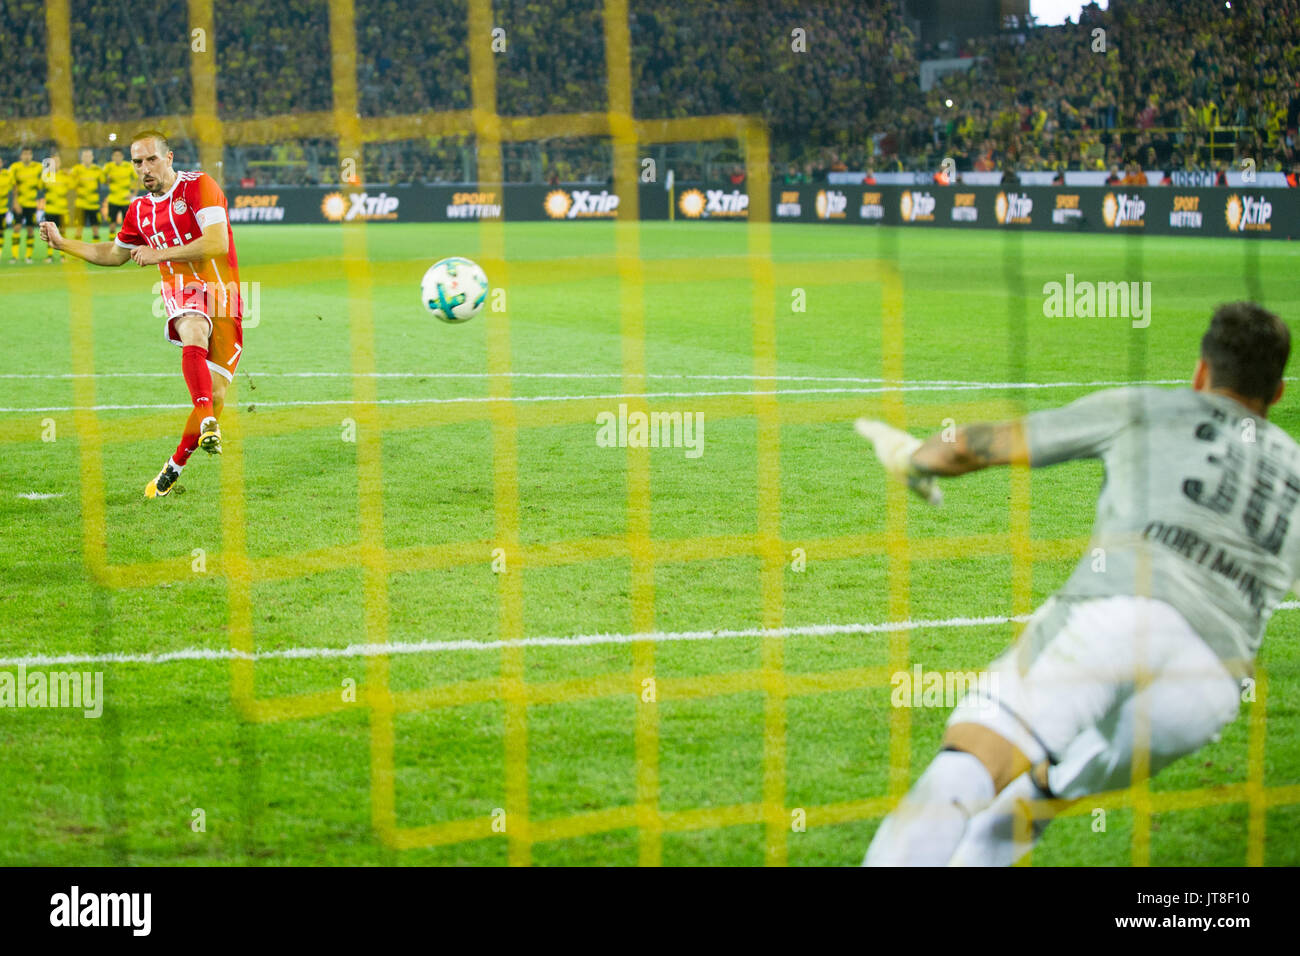 Dortmund, Deutschland. 05th Aug, 2017. Franck RIBERY (hi., M) schiesst gegen Torwart Roman BUERKI (B_rki, DO) einen Elfmeter, Aktion, Fussball DFL-Supercup 2017, Borussia Dortmund (DO)- FC Bayern Munich (M) 4:5 i.E., am 05.08.2017 in Dortmund/ Deutschland.   Verwendung weltweit Credit: dpa/Alamy Live News - Stock Image